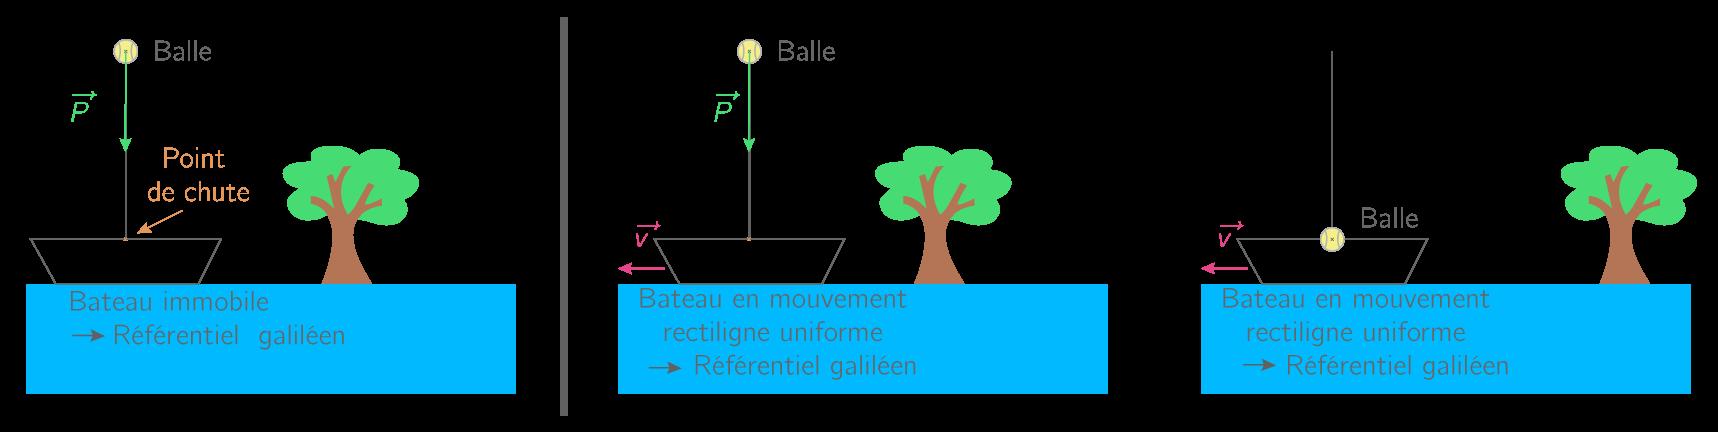 relativite restreinte terminale s